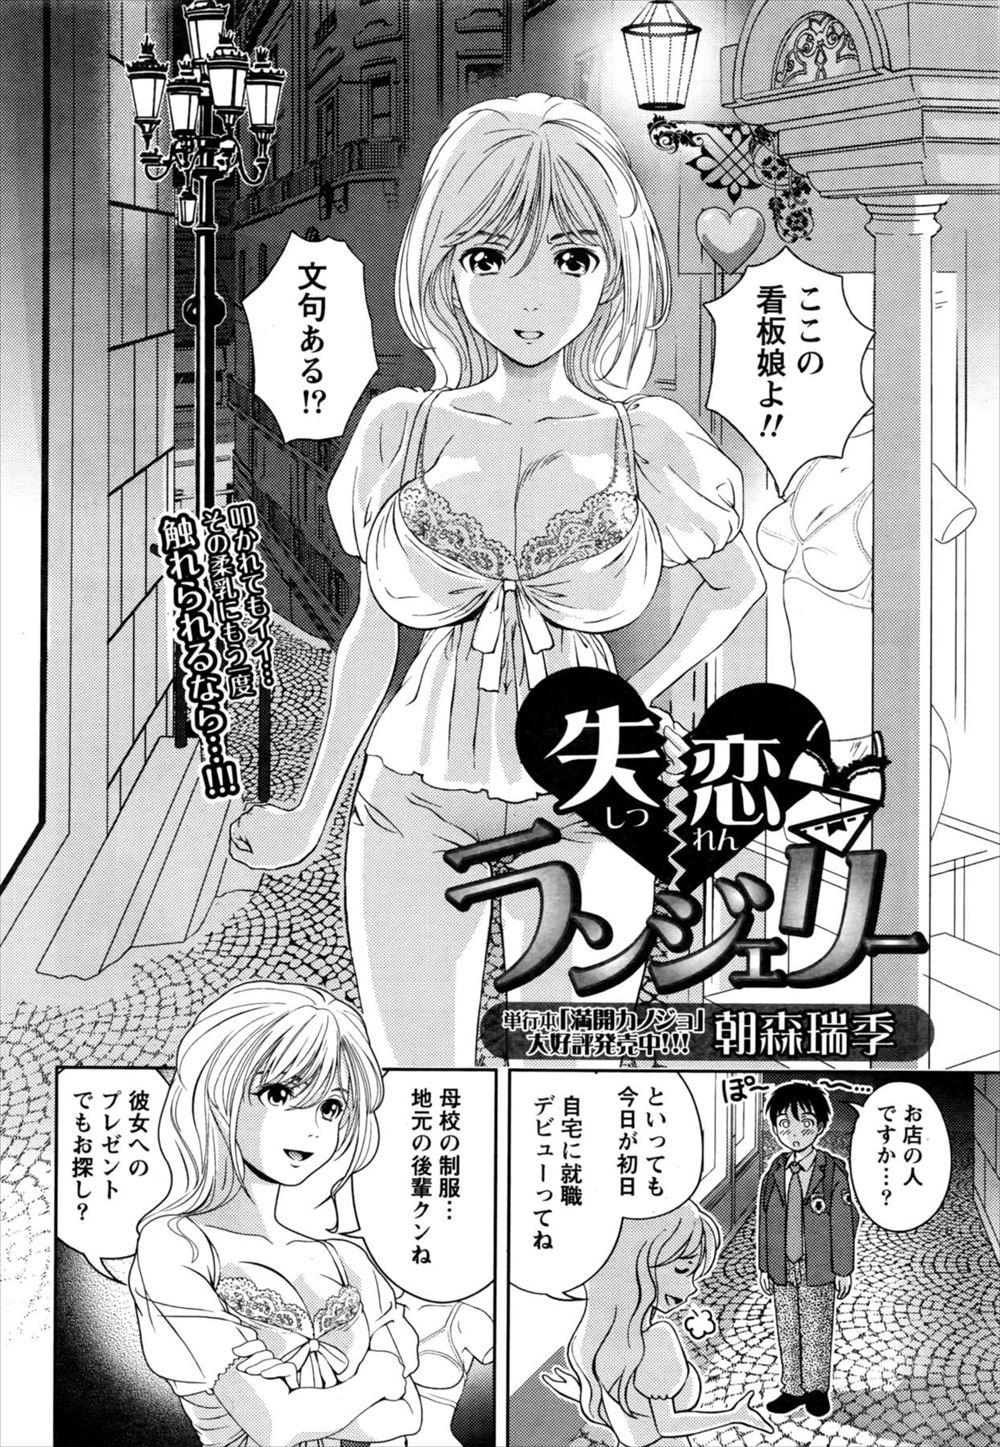 【エロ漫画】ランジェリーショップの金髪ロングの綺麗なお姉さんに試着をお願いして抱き合い恋をする男!